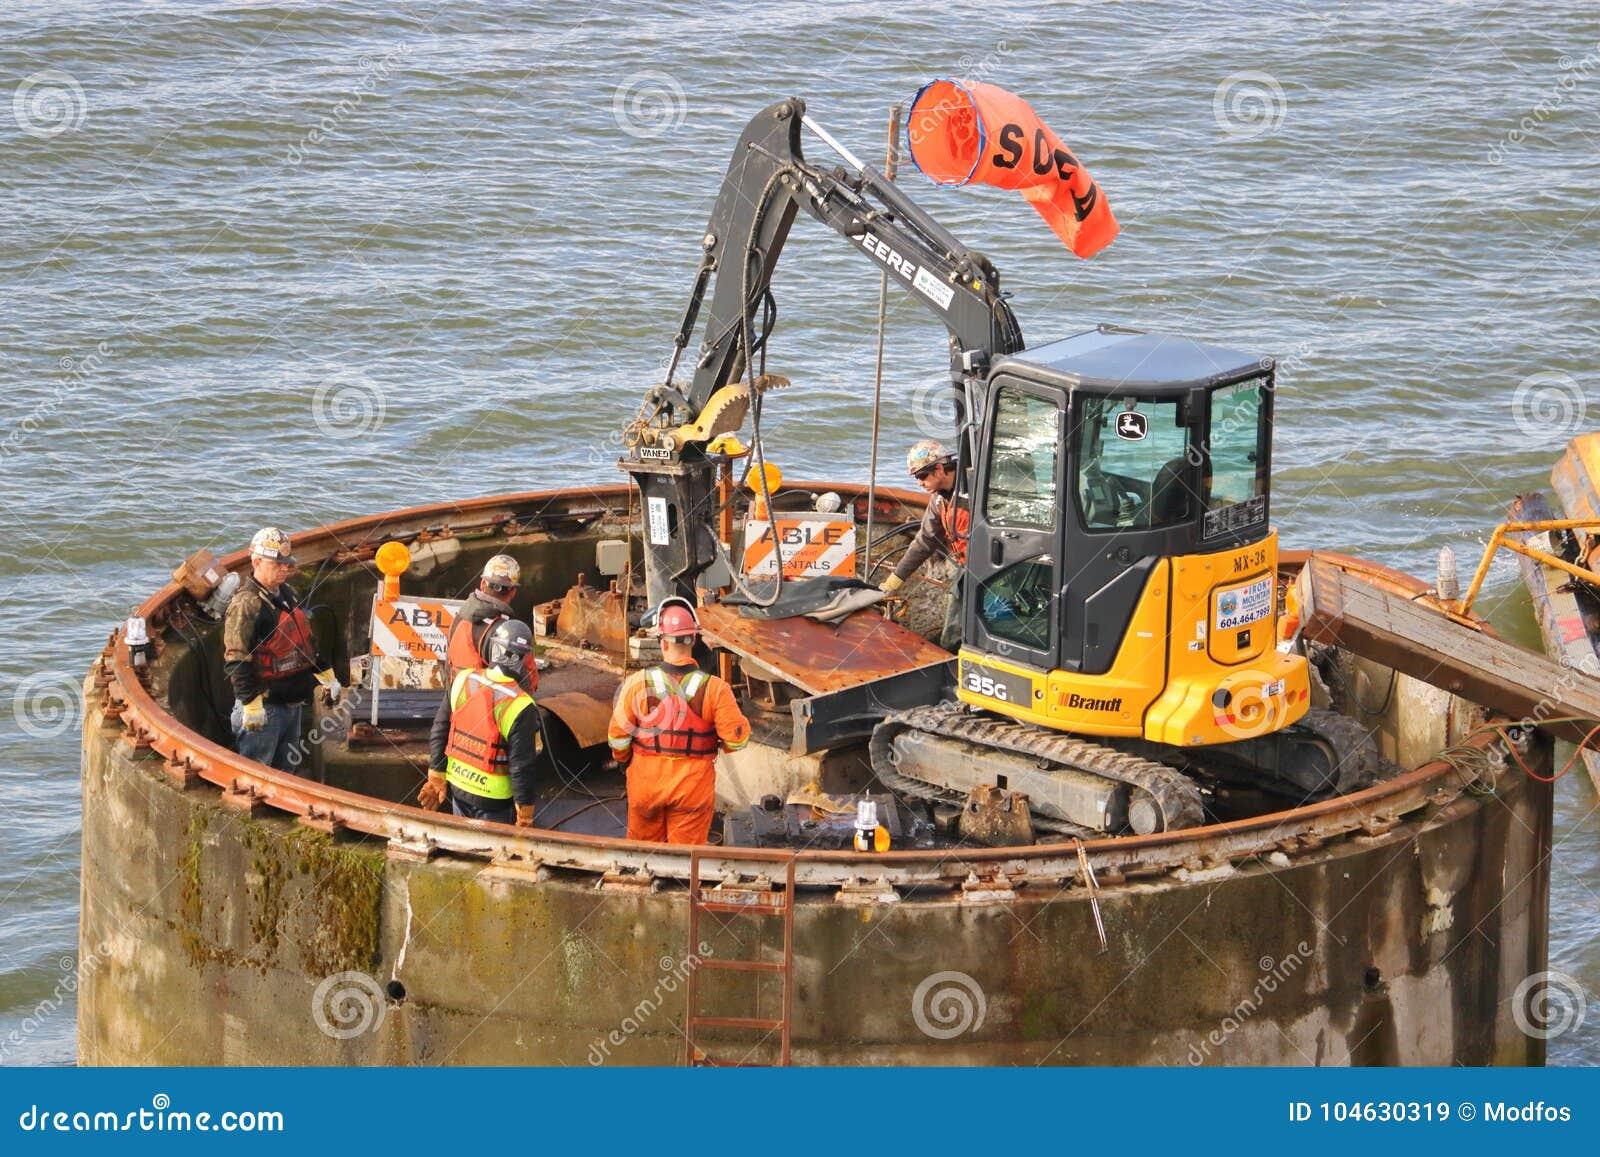 Download Vernielingsbemanning En Industrieel Materiaal Redactionele Stock Afbeelding - Afbeelding bestaande uit ontmantel, infrastructuur: 104630319